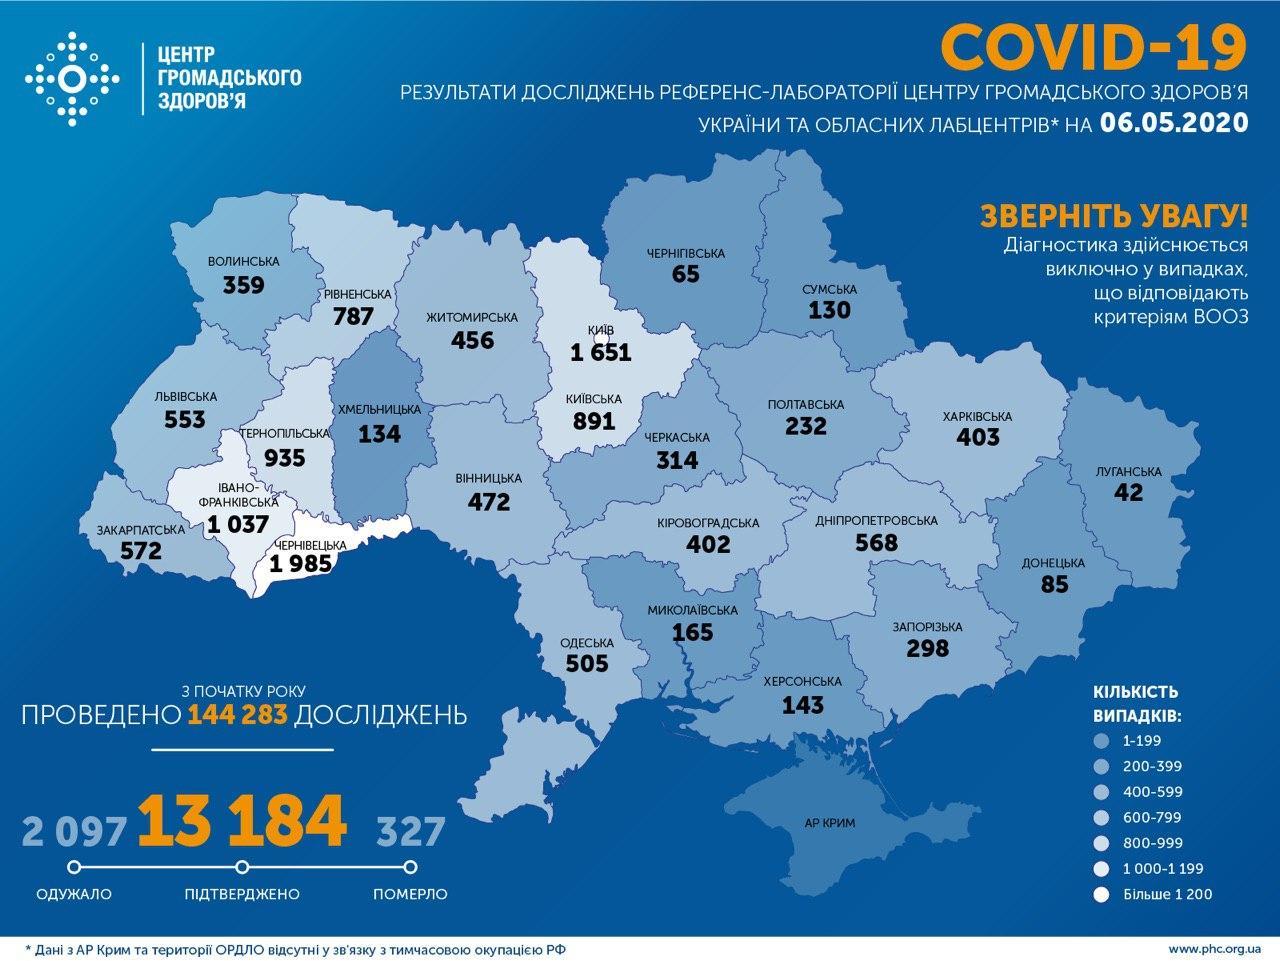 В Україні вже підтвердили 13184 випадків COVID-19, за добу – 487